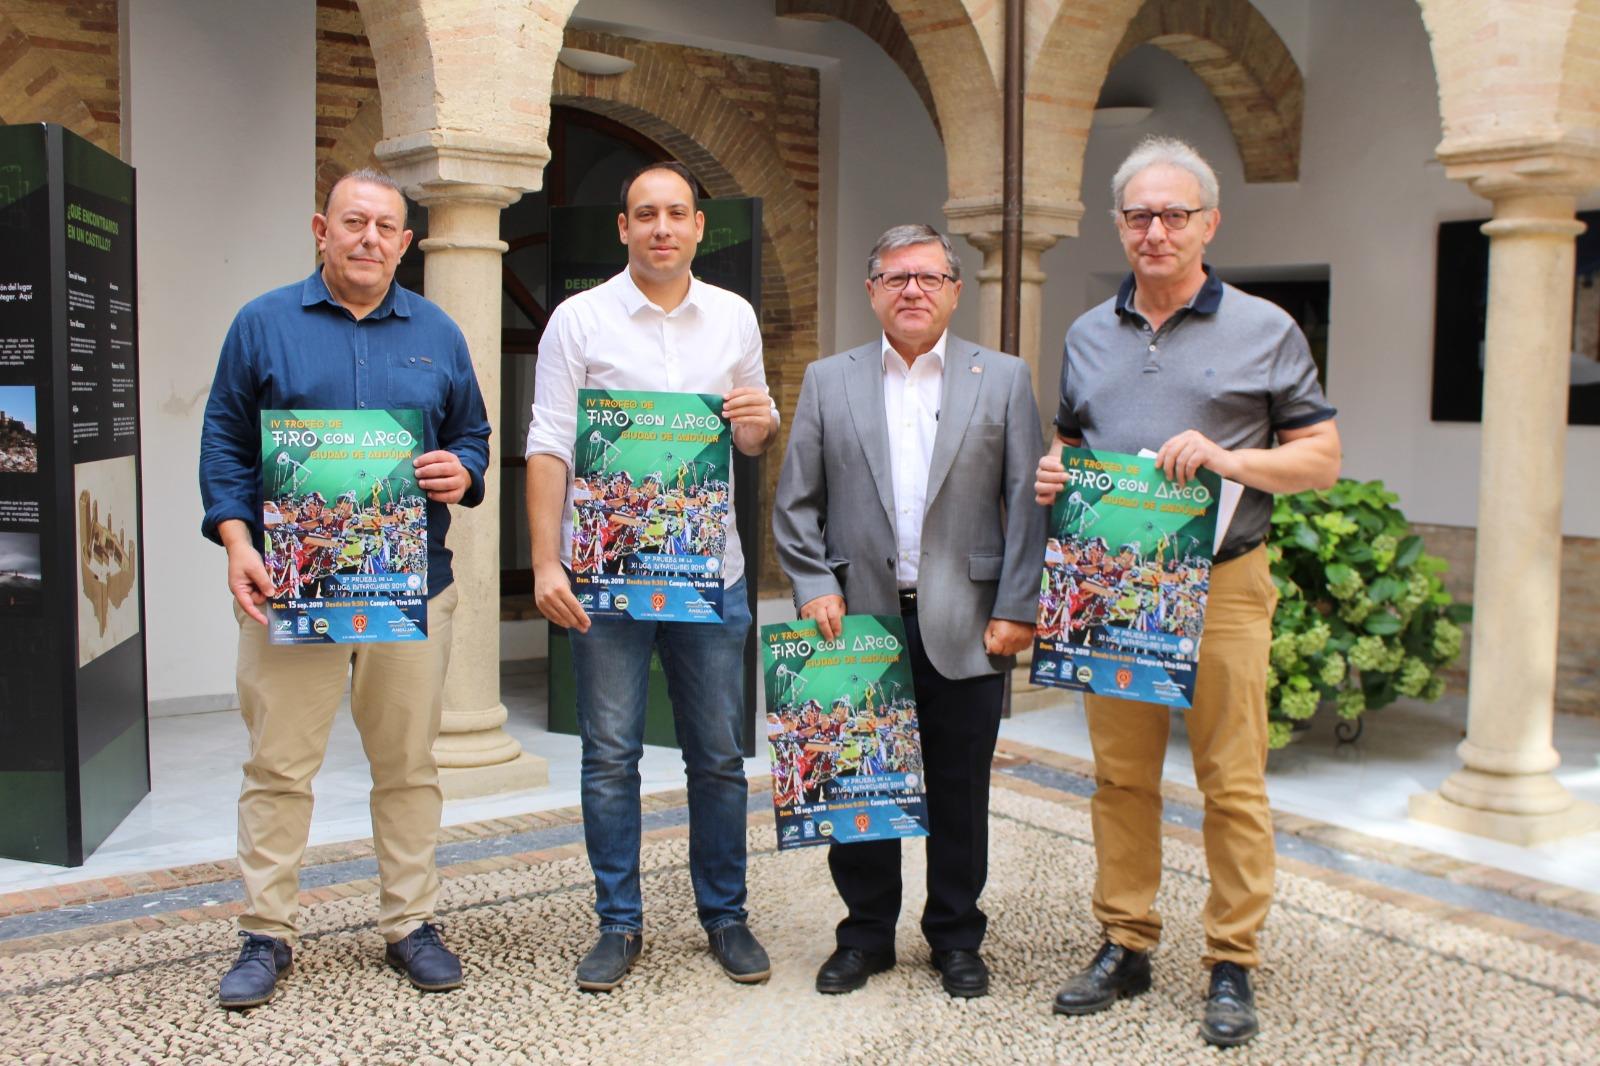 La SAFA de Andújar acoge la cuarta edición del Campeonato de Tiro Con Arco